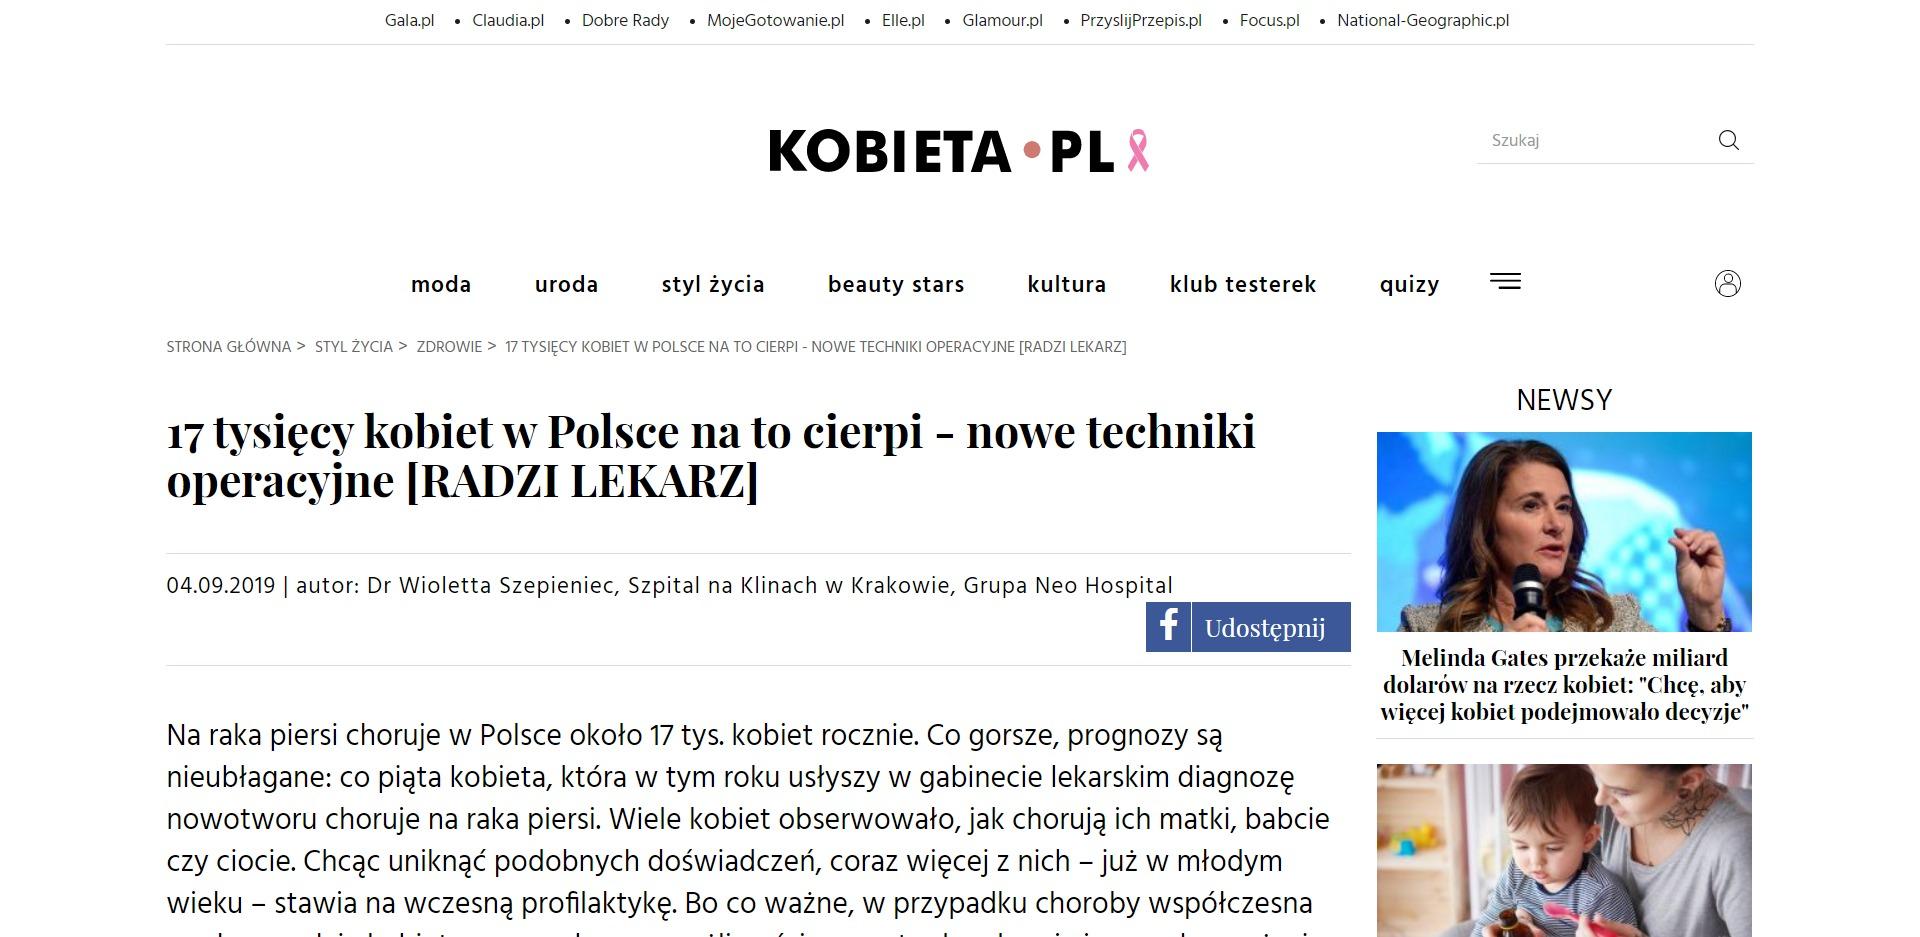 Nowe techniki operacyjne raka piersi_ problem dotyczy 17 tysięcy kobi_ - www.kobieta.pl